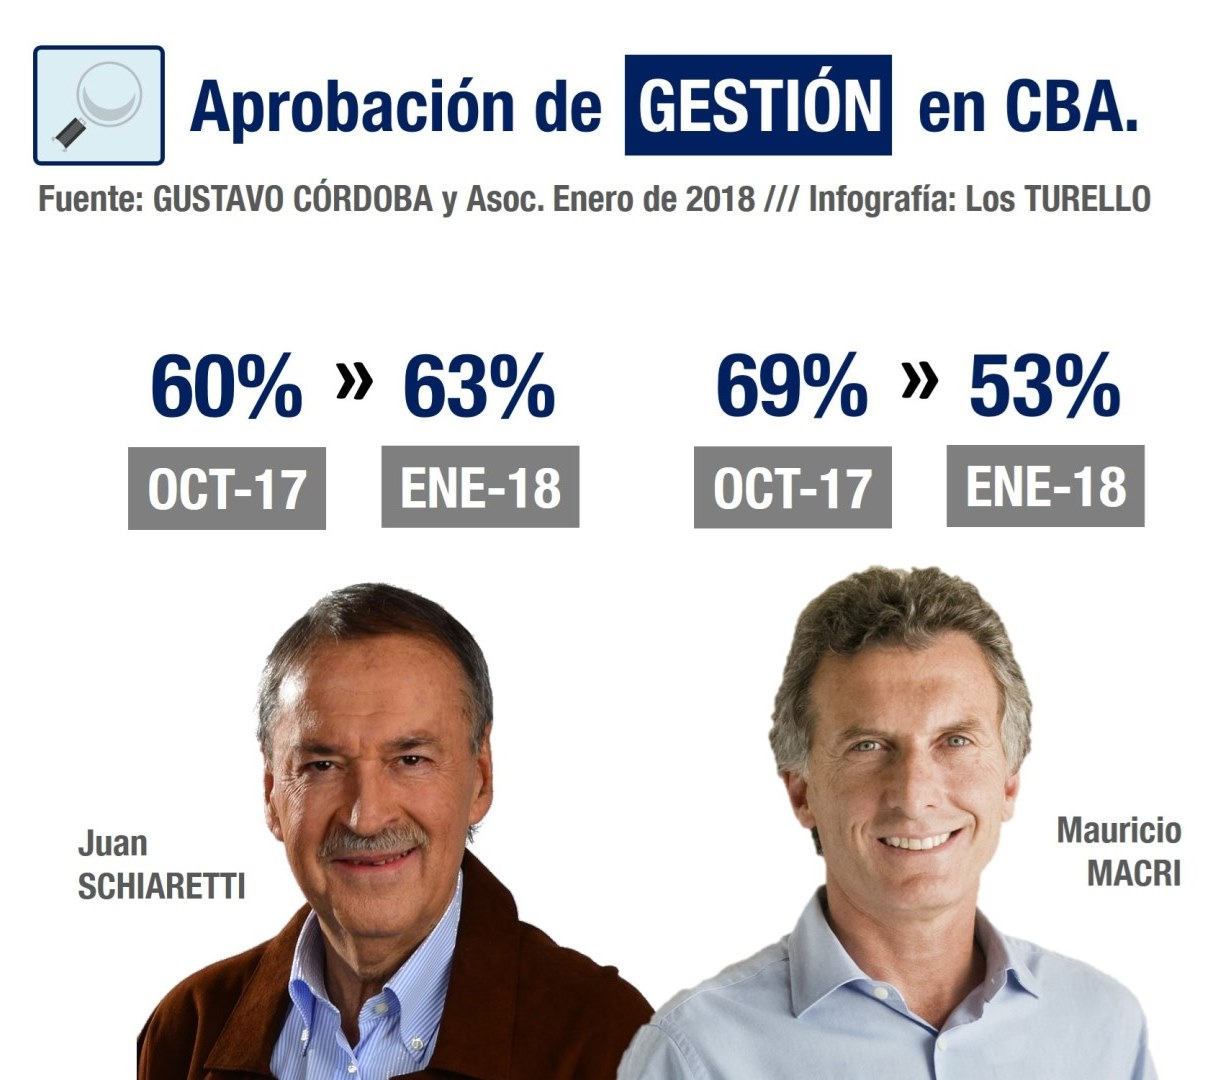 Política: los niveles de aprobación de los cordobeses de la gestión de Schiaretti y Macri | Fuente: encuesta de Gustavo Córdoba y Asociados.